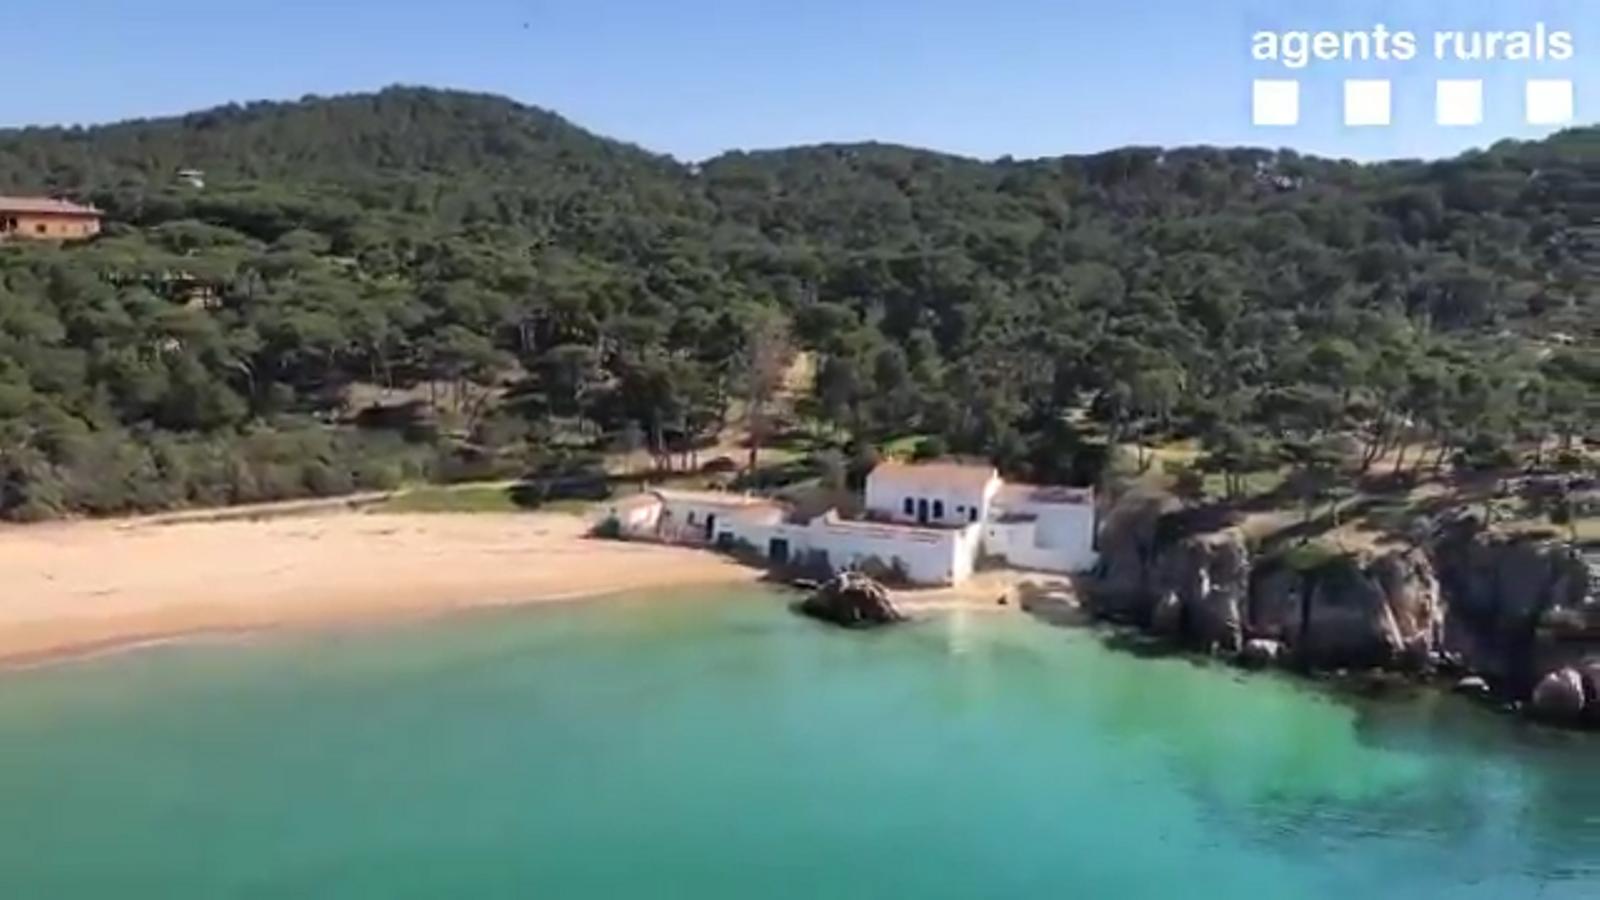 Imatges inèdites de la costa gironina buida pel confinament